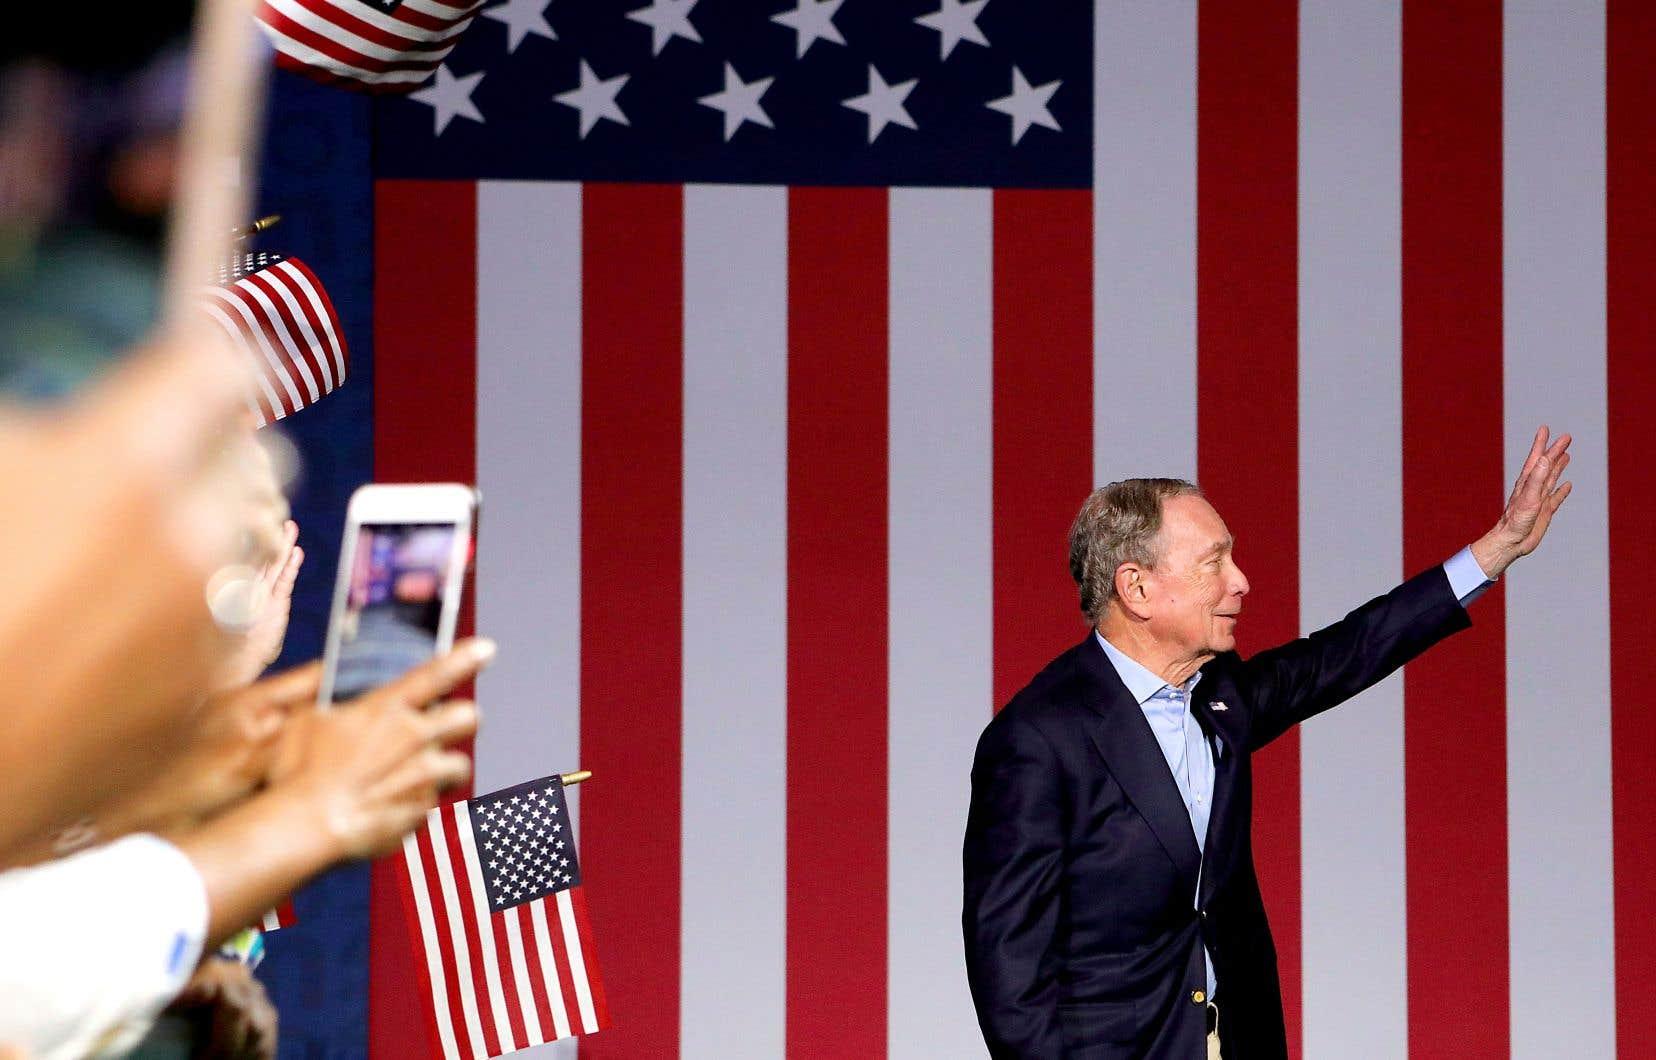 M.Bloomberg, ancien maire de New York, avait pourtant investi des sommes record dans sa campagne électorale.